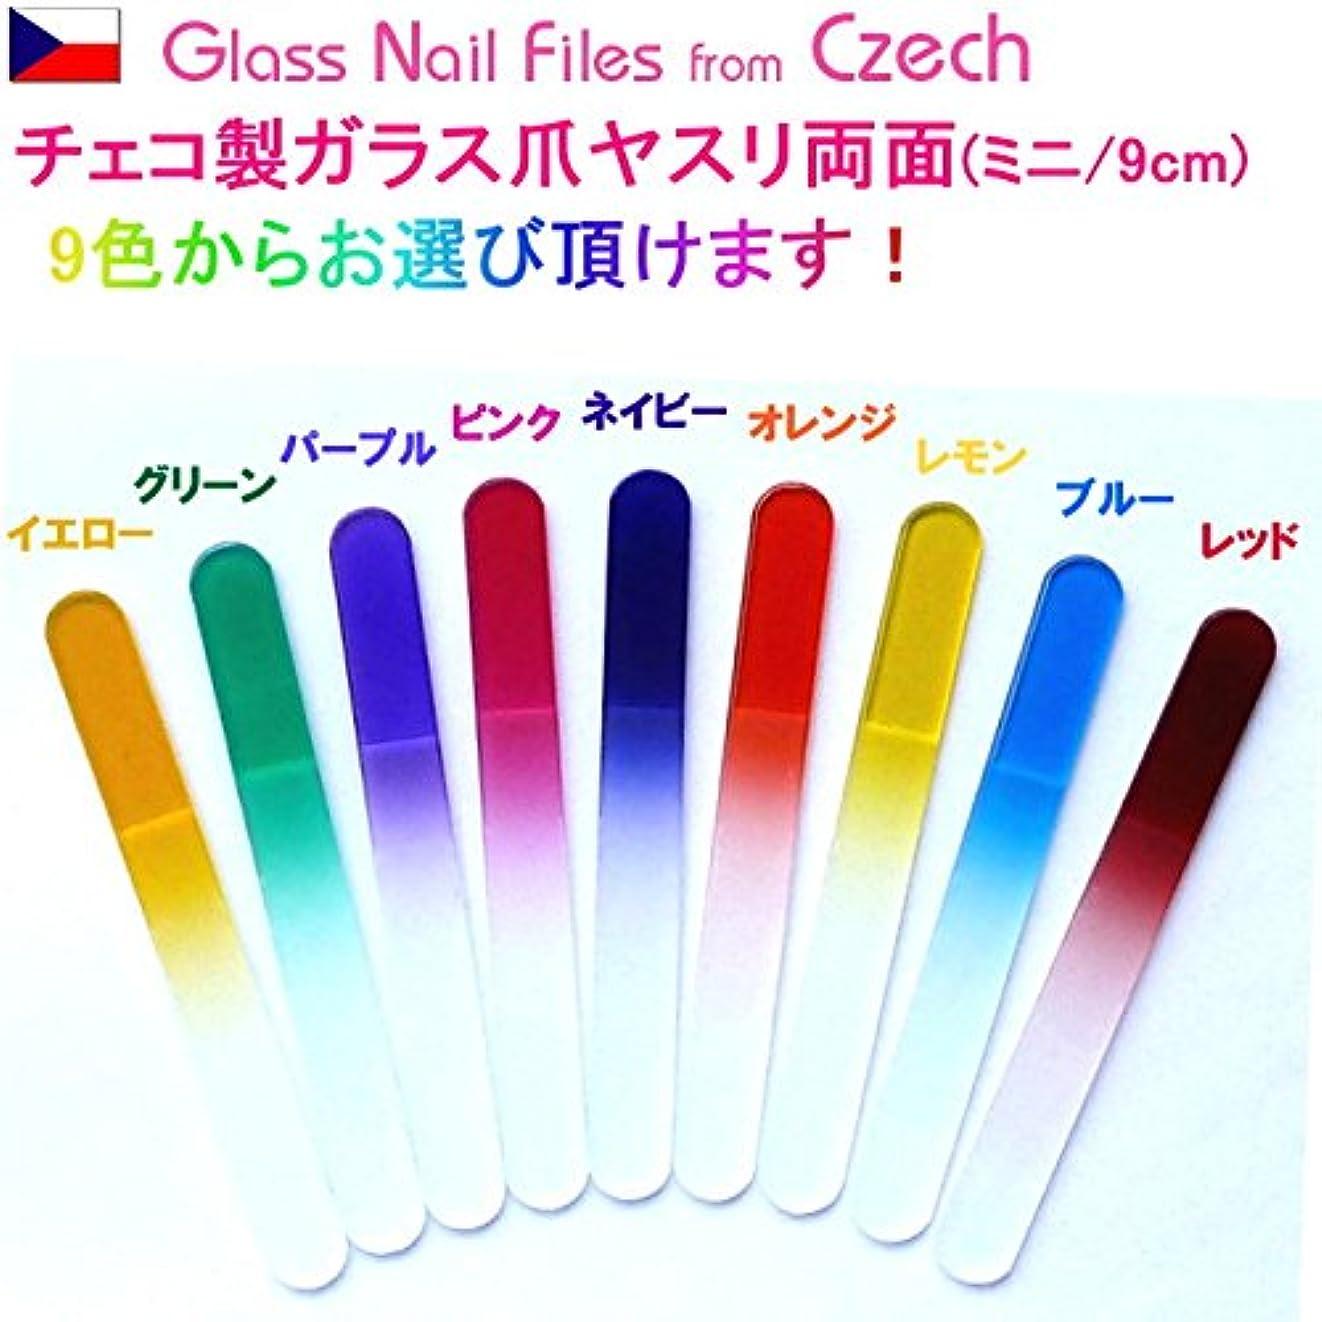 参照する刺繍反乱BISON チェコ製ガラス爪ヤスリ 9cm SR ミニ両面仕上げ ブルー